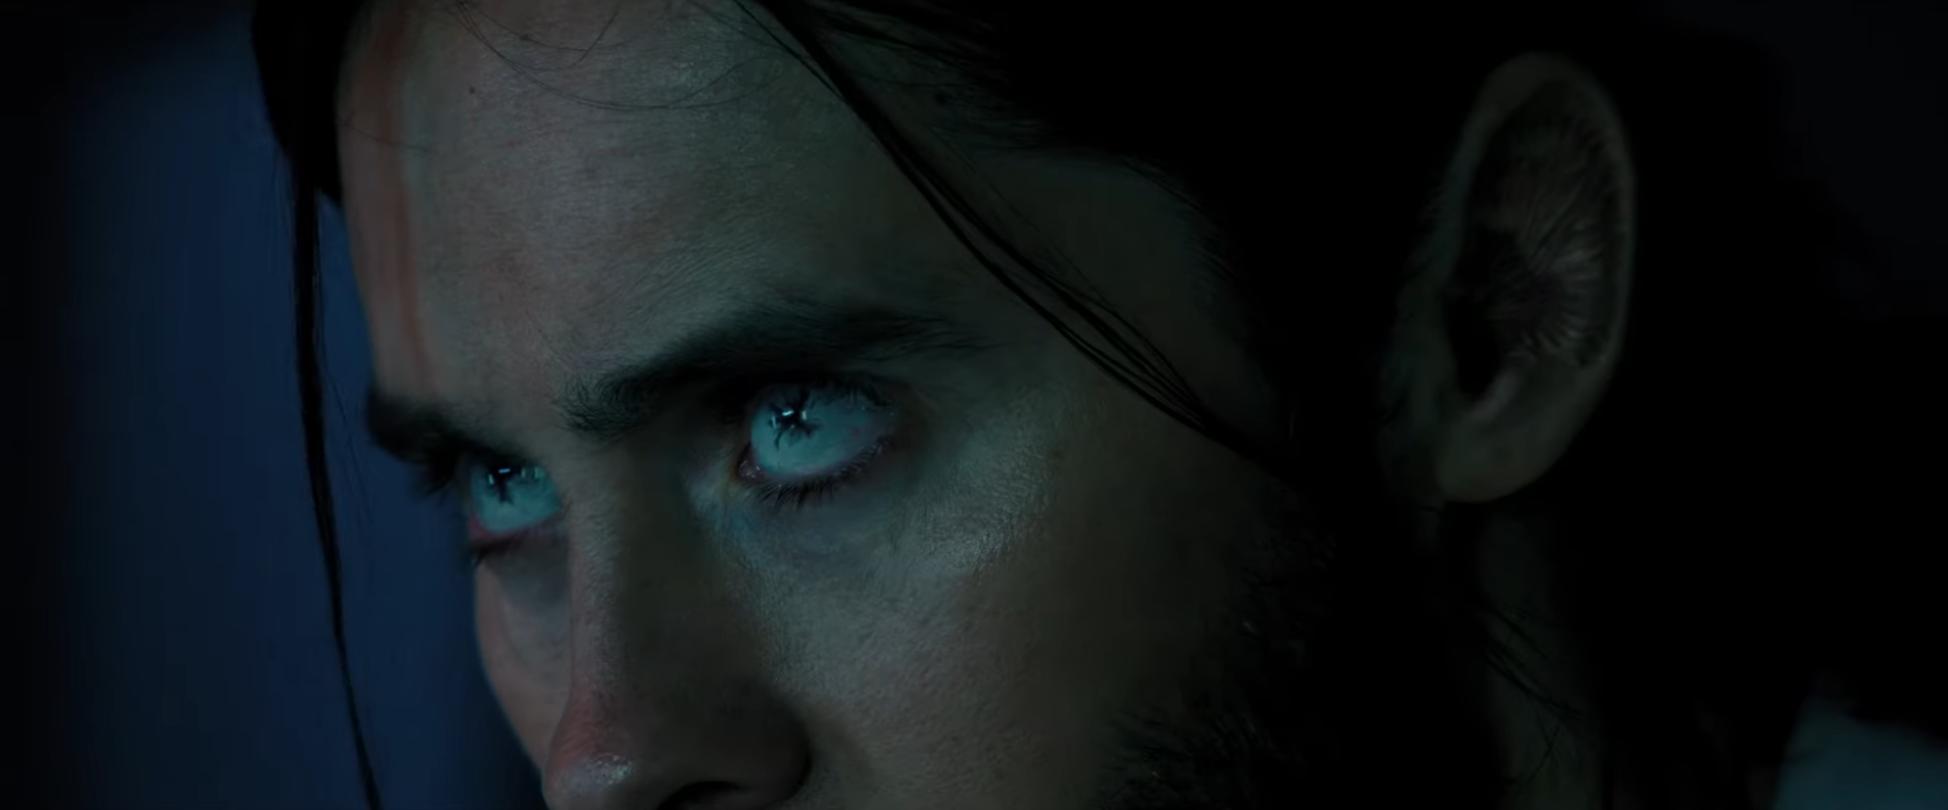 Morbius Movie: Jared Leto's Vampire Movie Delayed Again